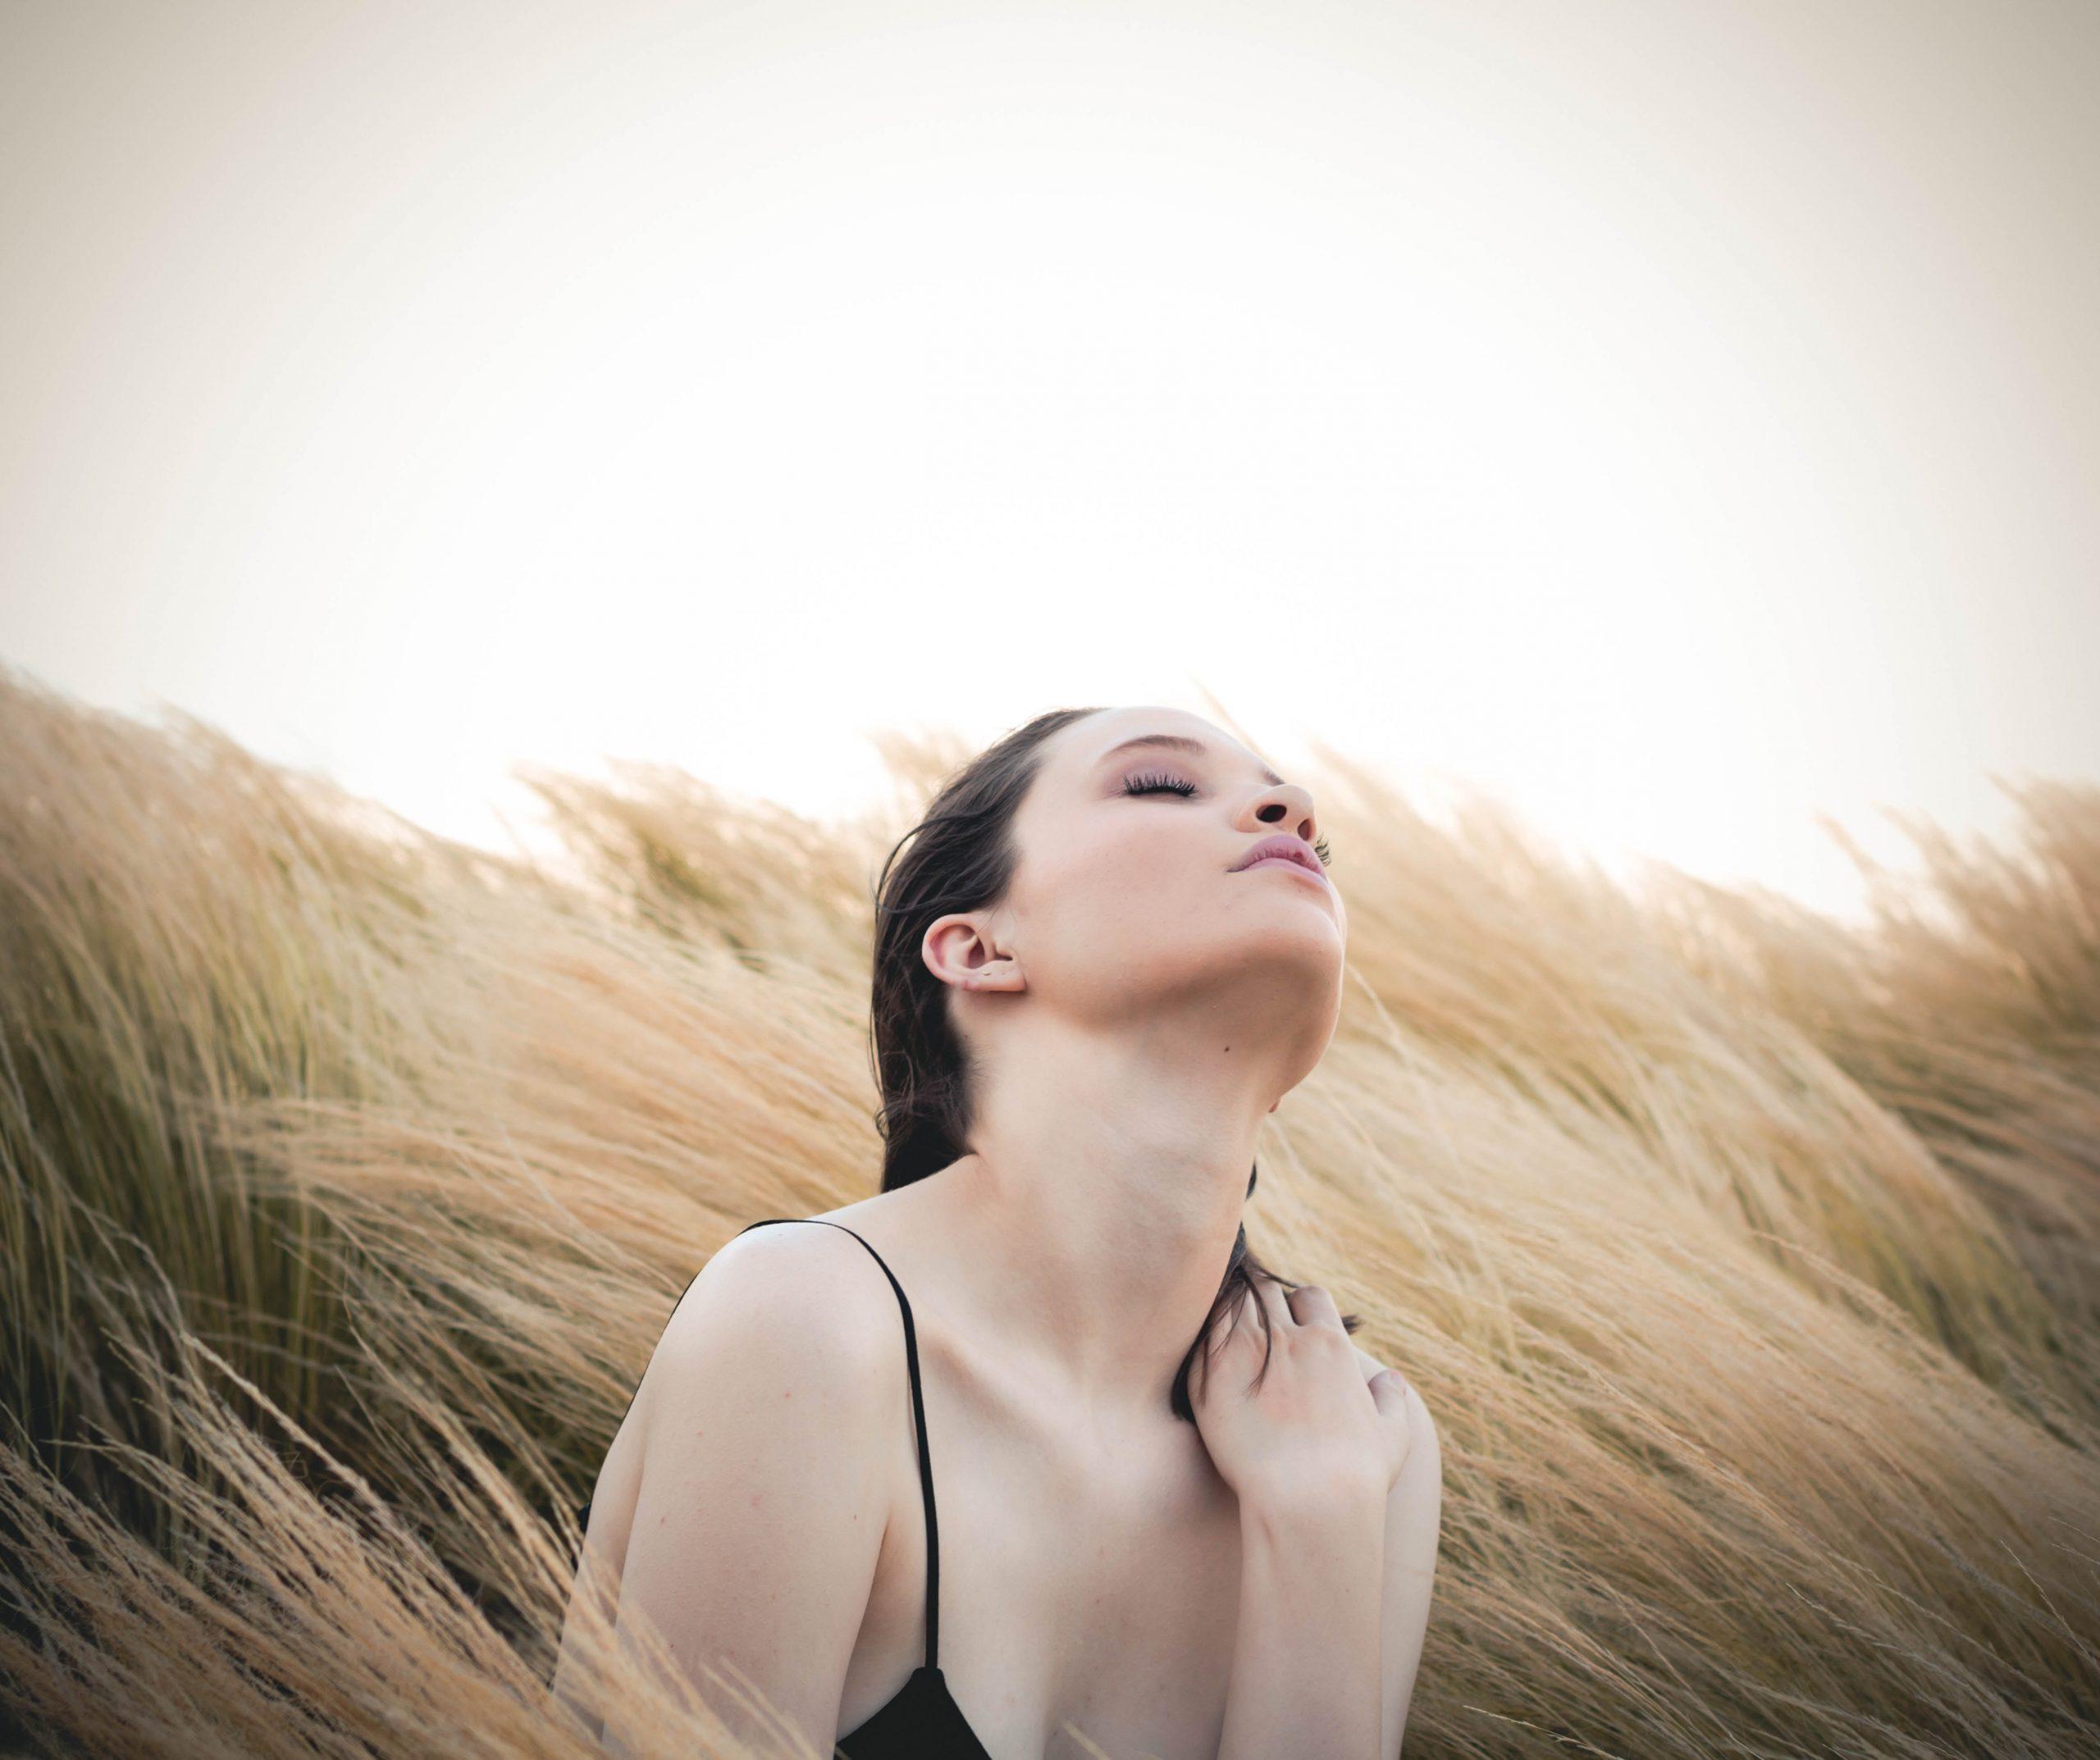 9 huiles de bronzage naturelles pour protéger votre peau et améliorer votre bronzage 1